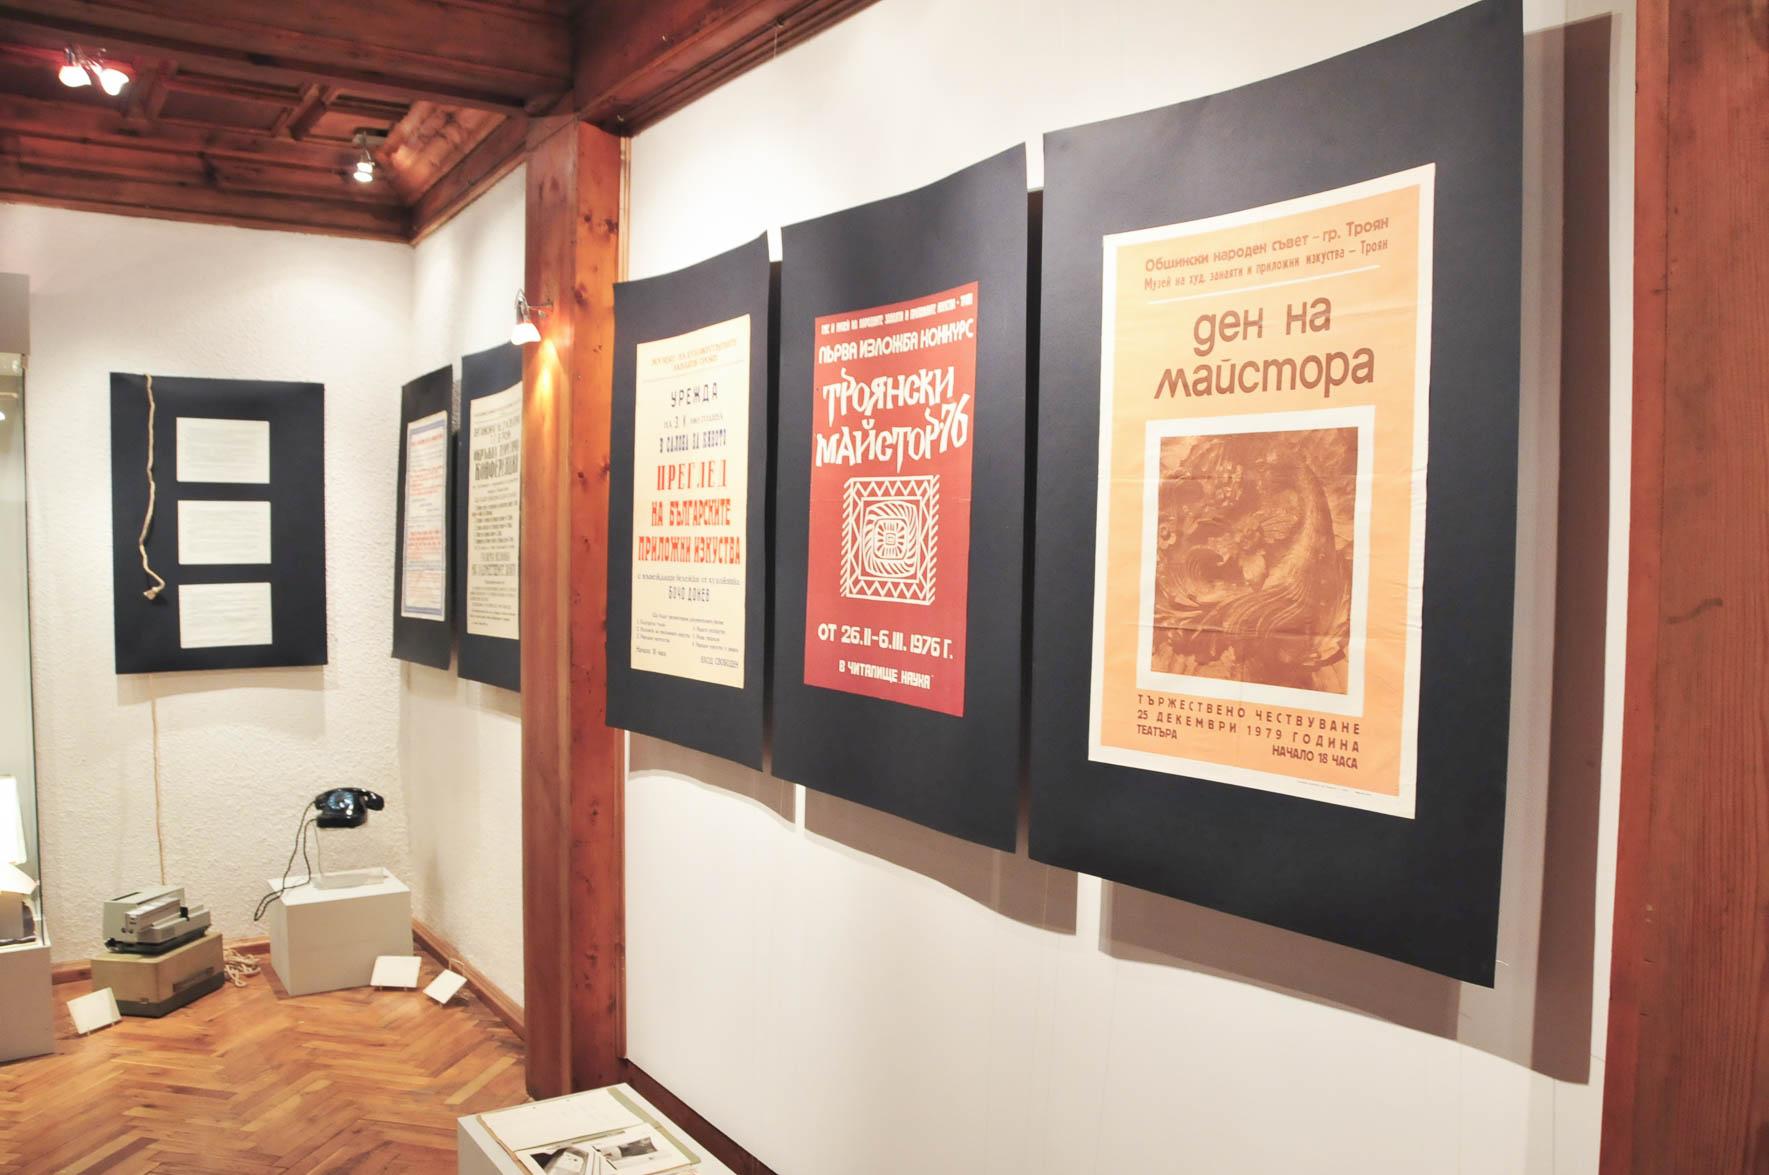 troyan-museum-razkaz-dokumenti-21